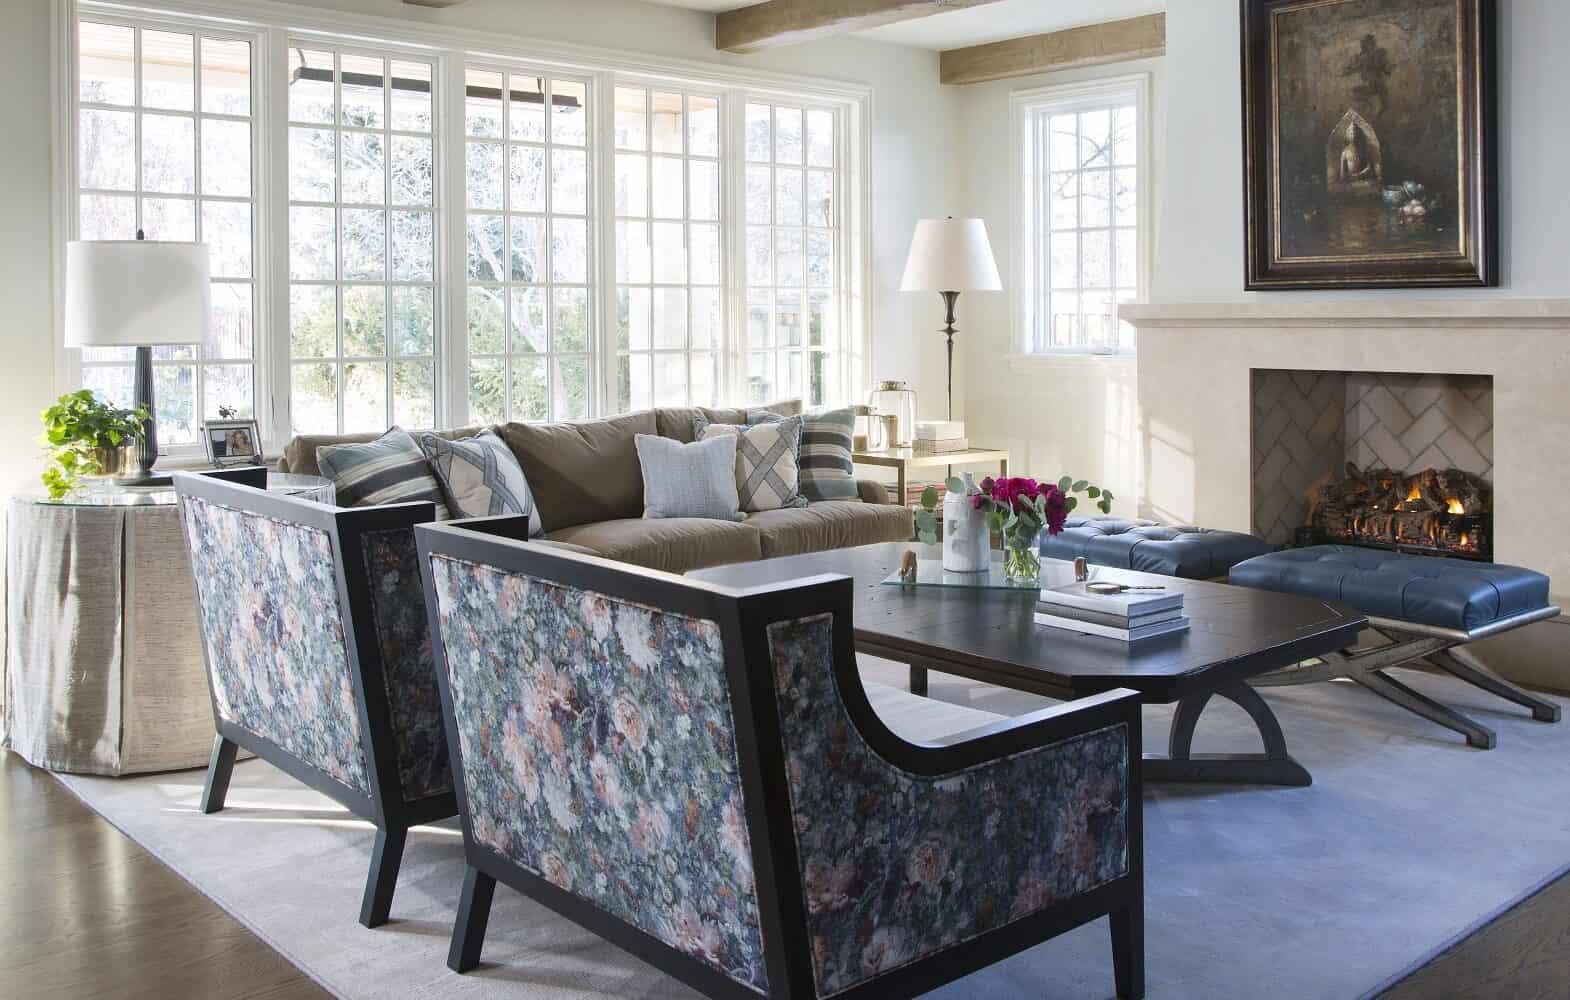 Jasmine - Cherry Hills Village Duet Design Group Colorado